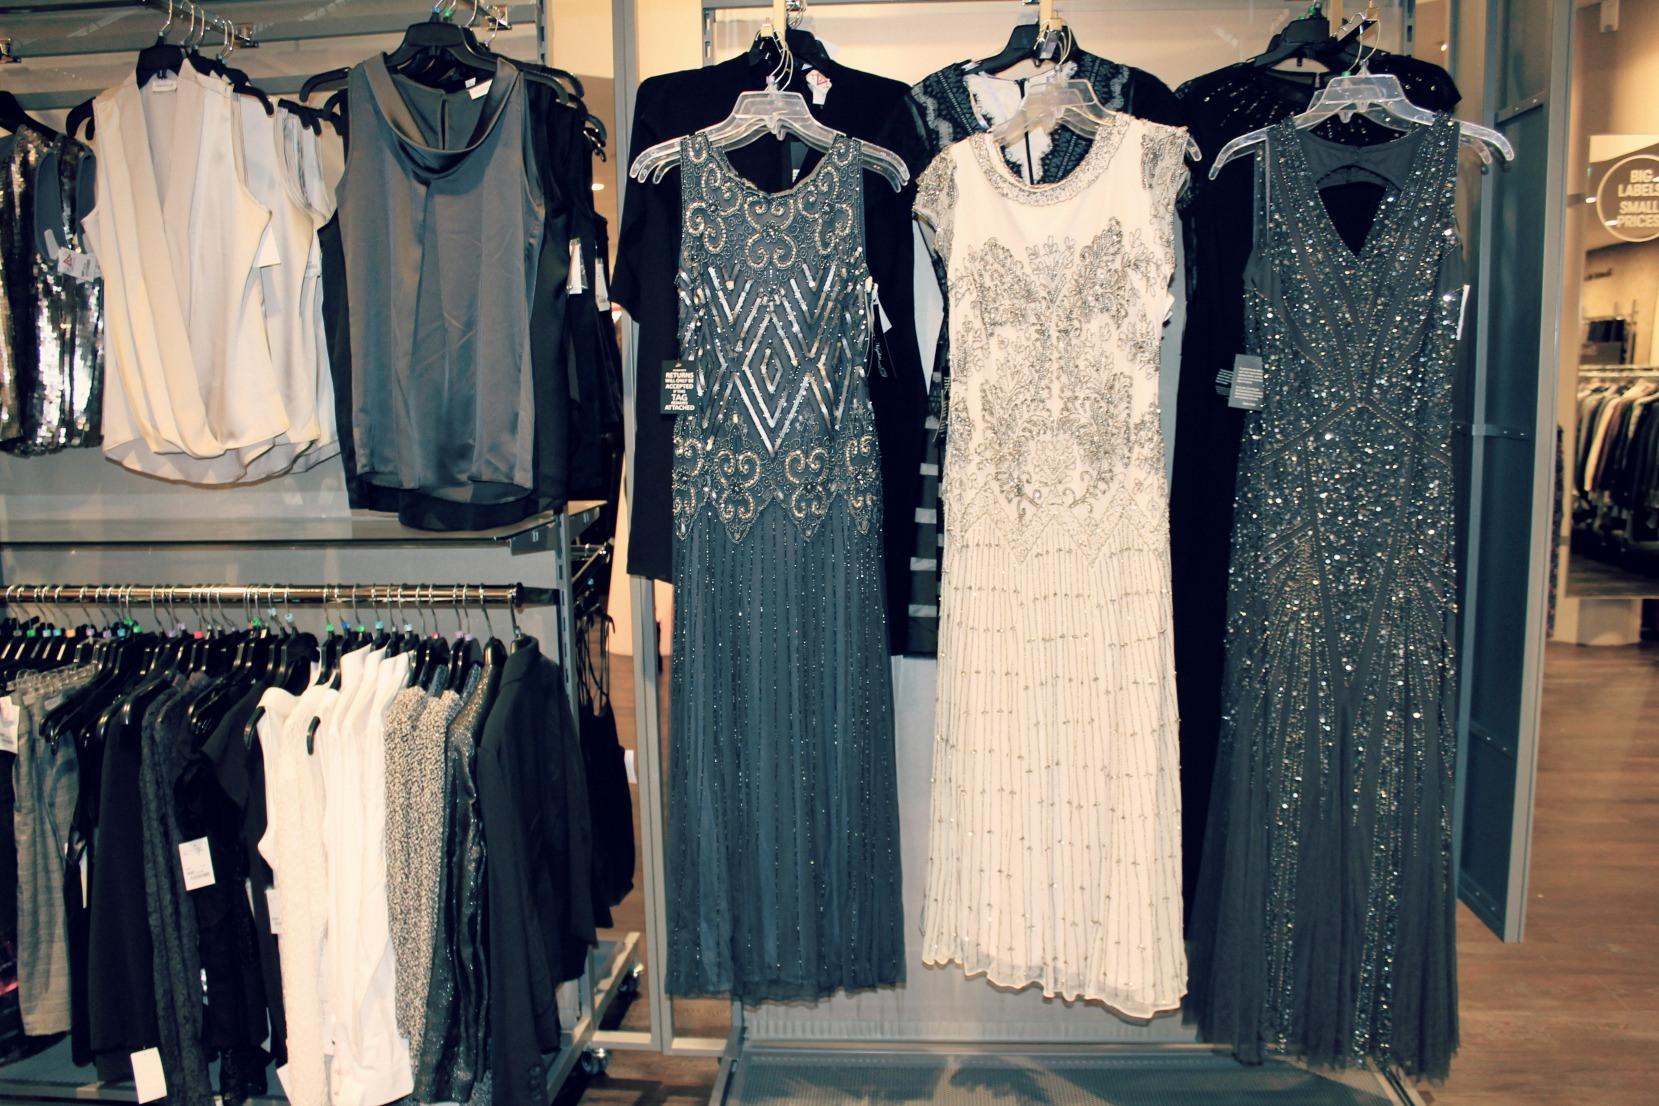 17 Schön Abendkleider Tk Maxx Stylish13 Leicht Abendkleider Tk Maxx Boutique